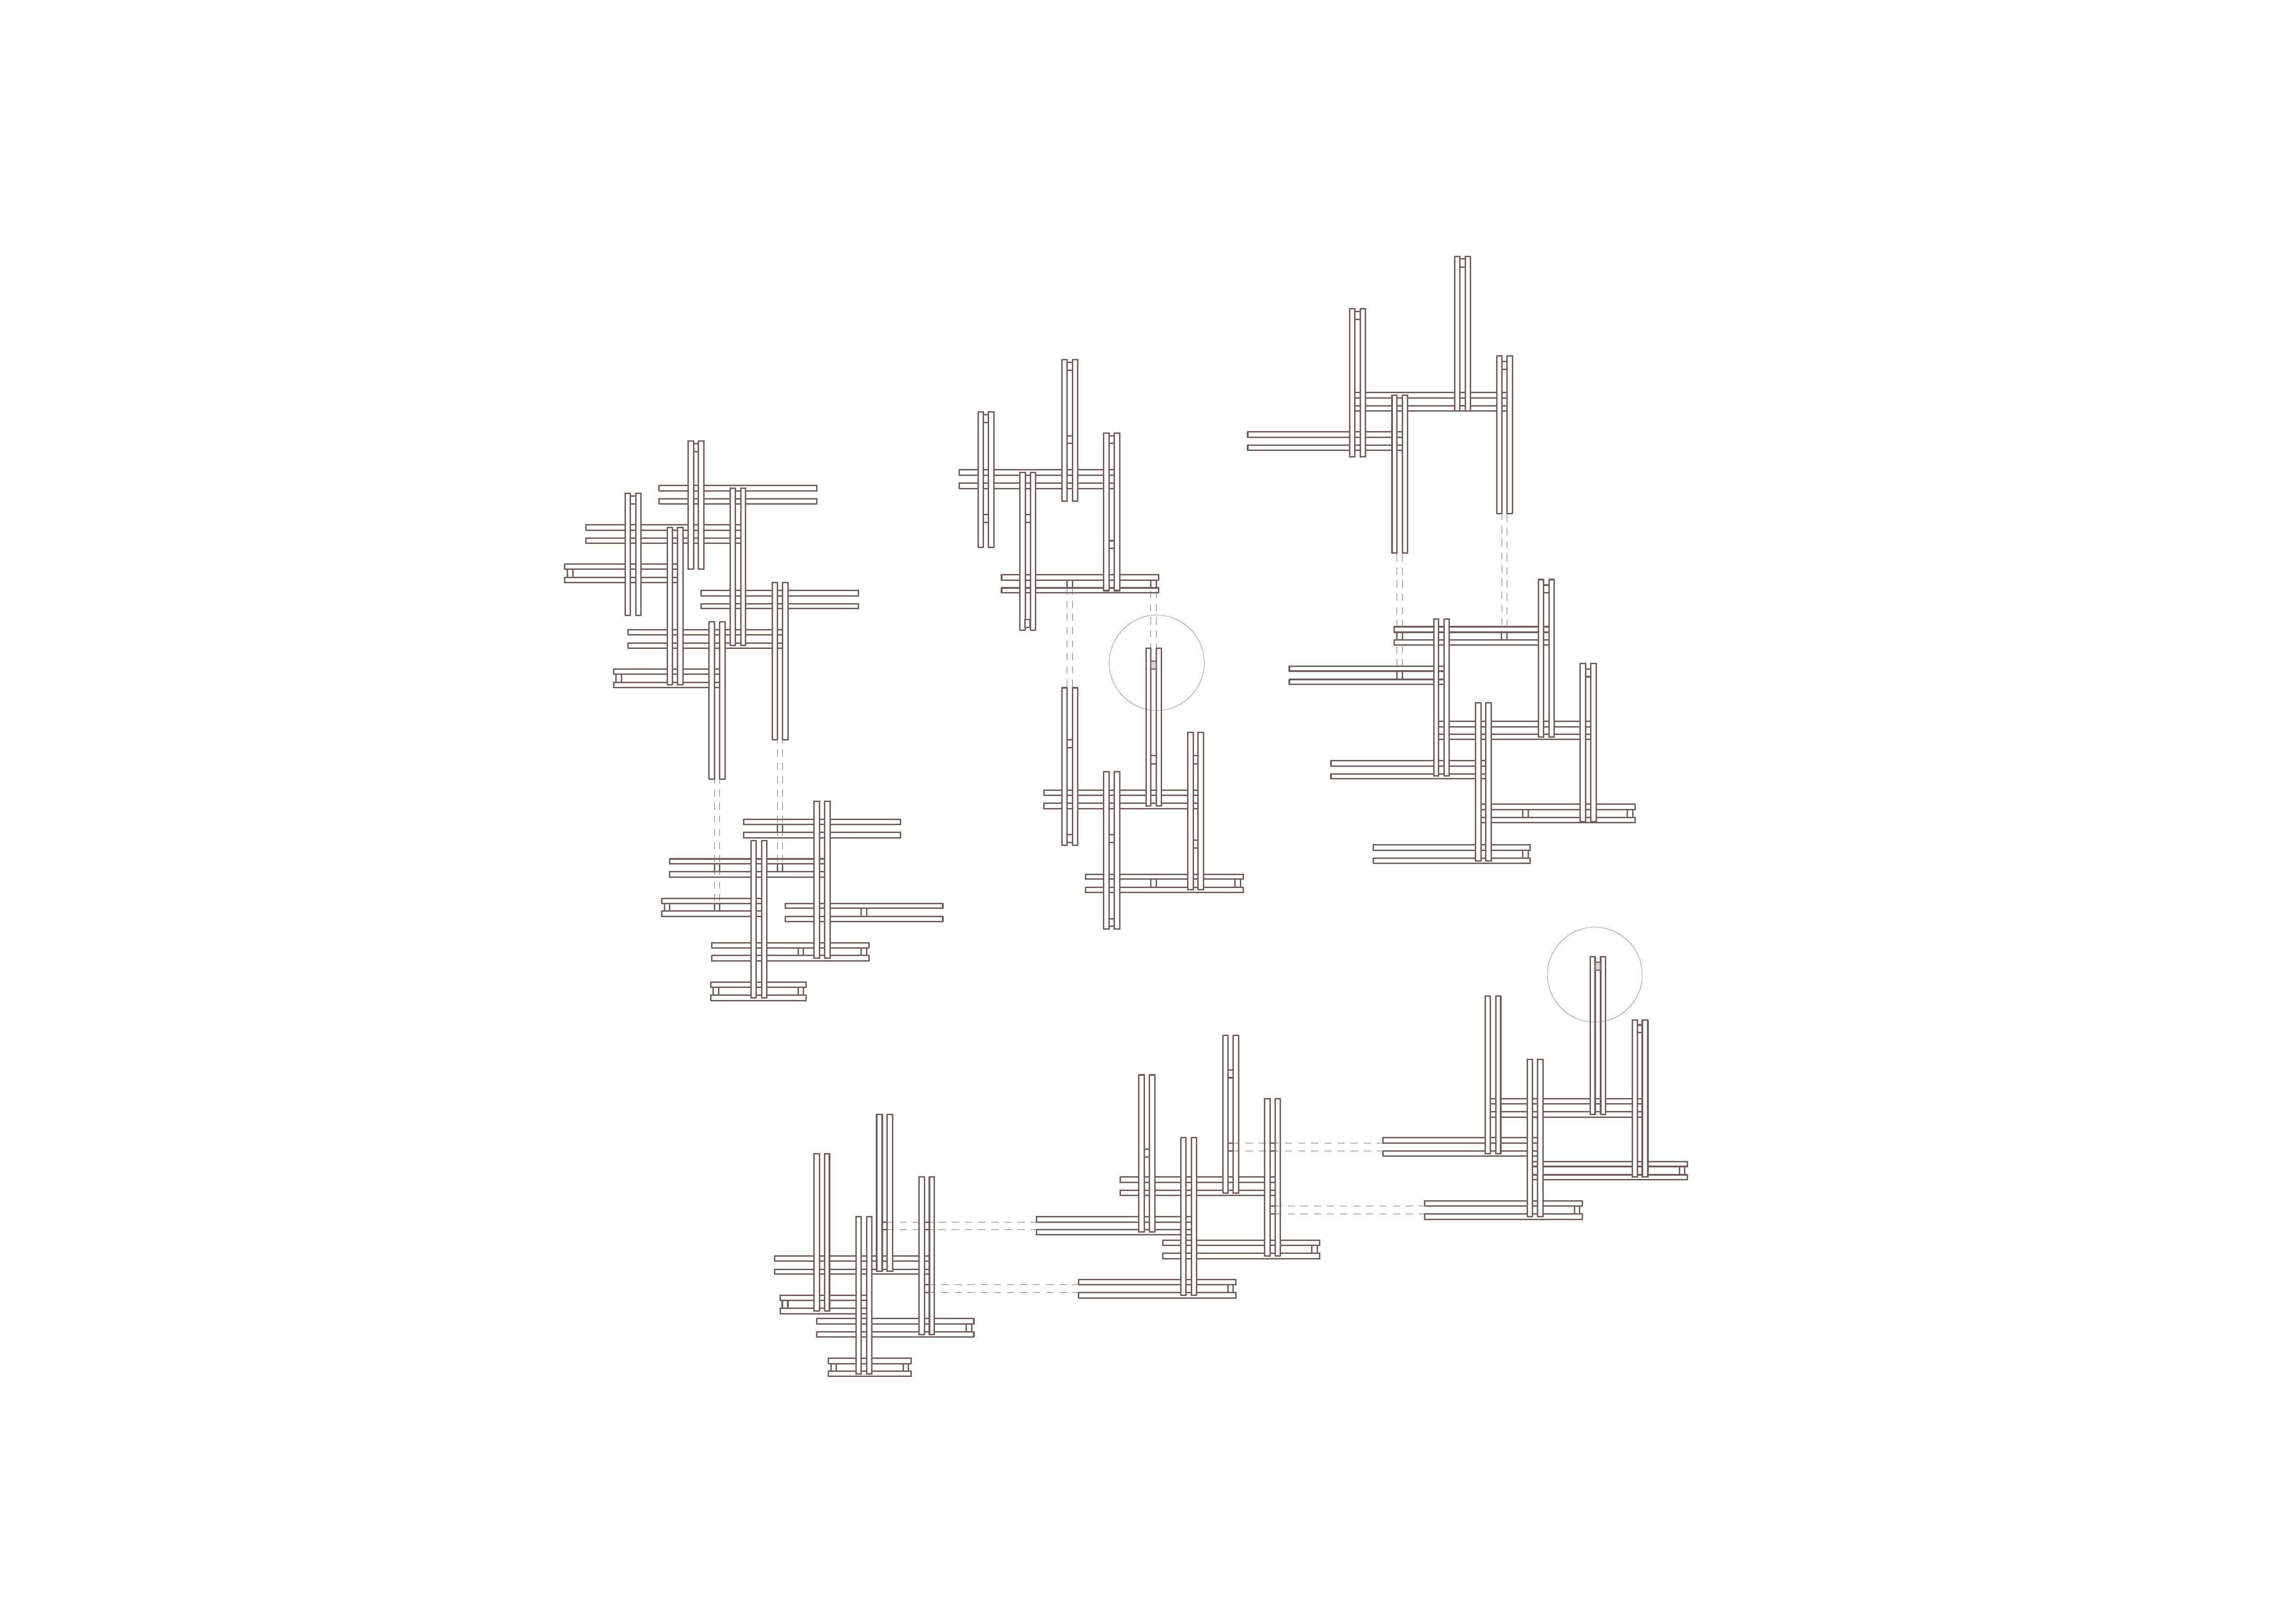 diagrams_wfa_Page_4